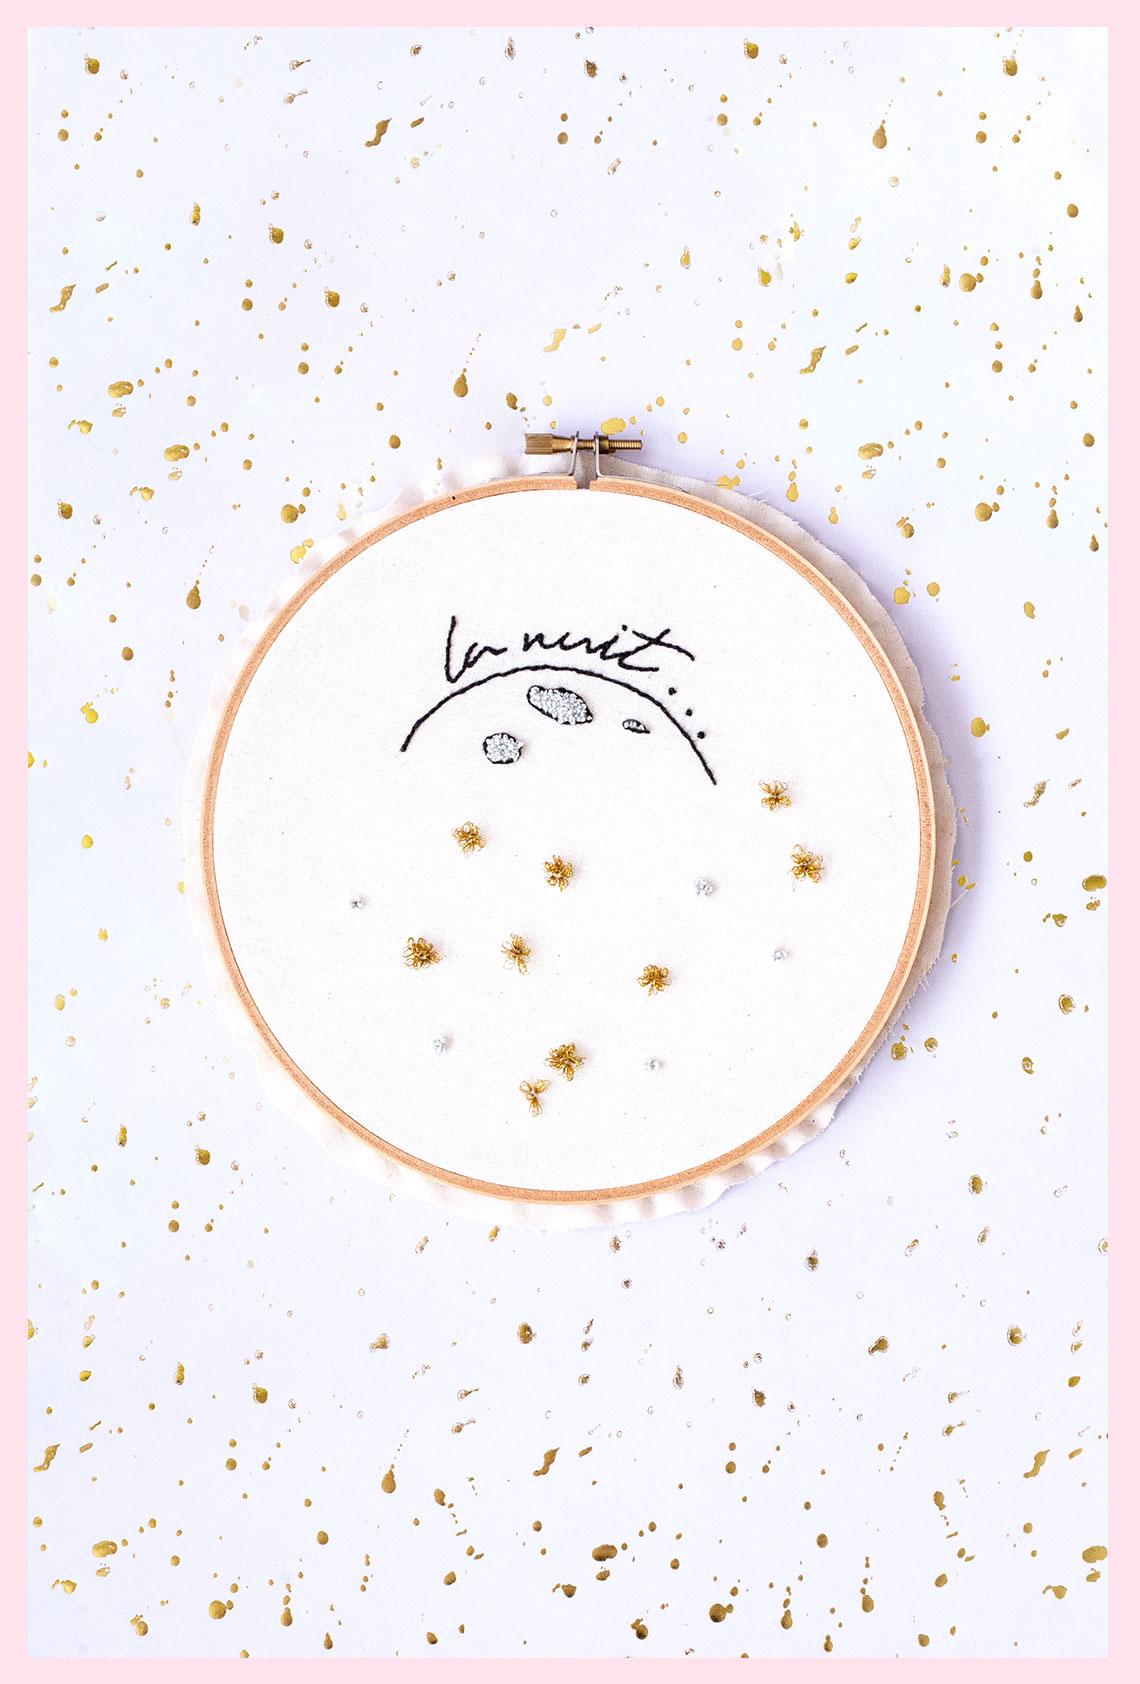 DIY : Broderie punch needle « La nuit » (+ motif à télécharger)